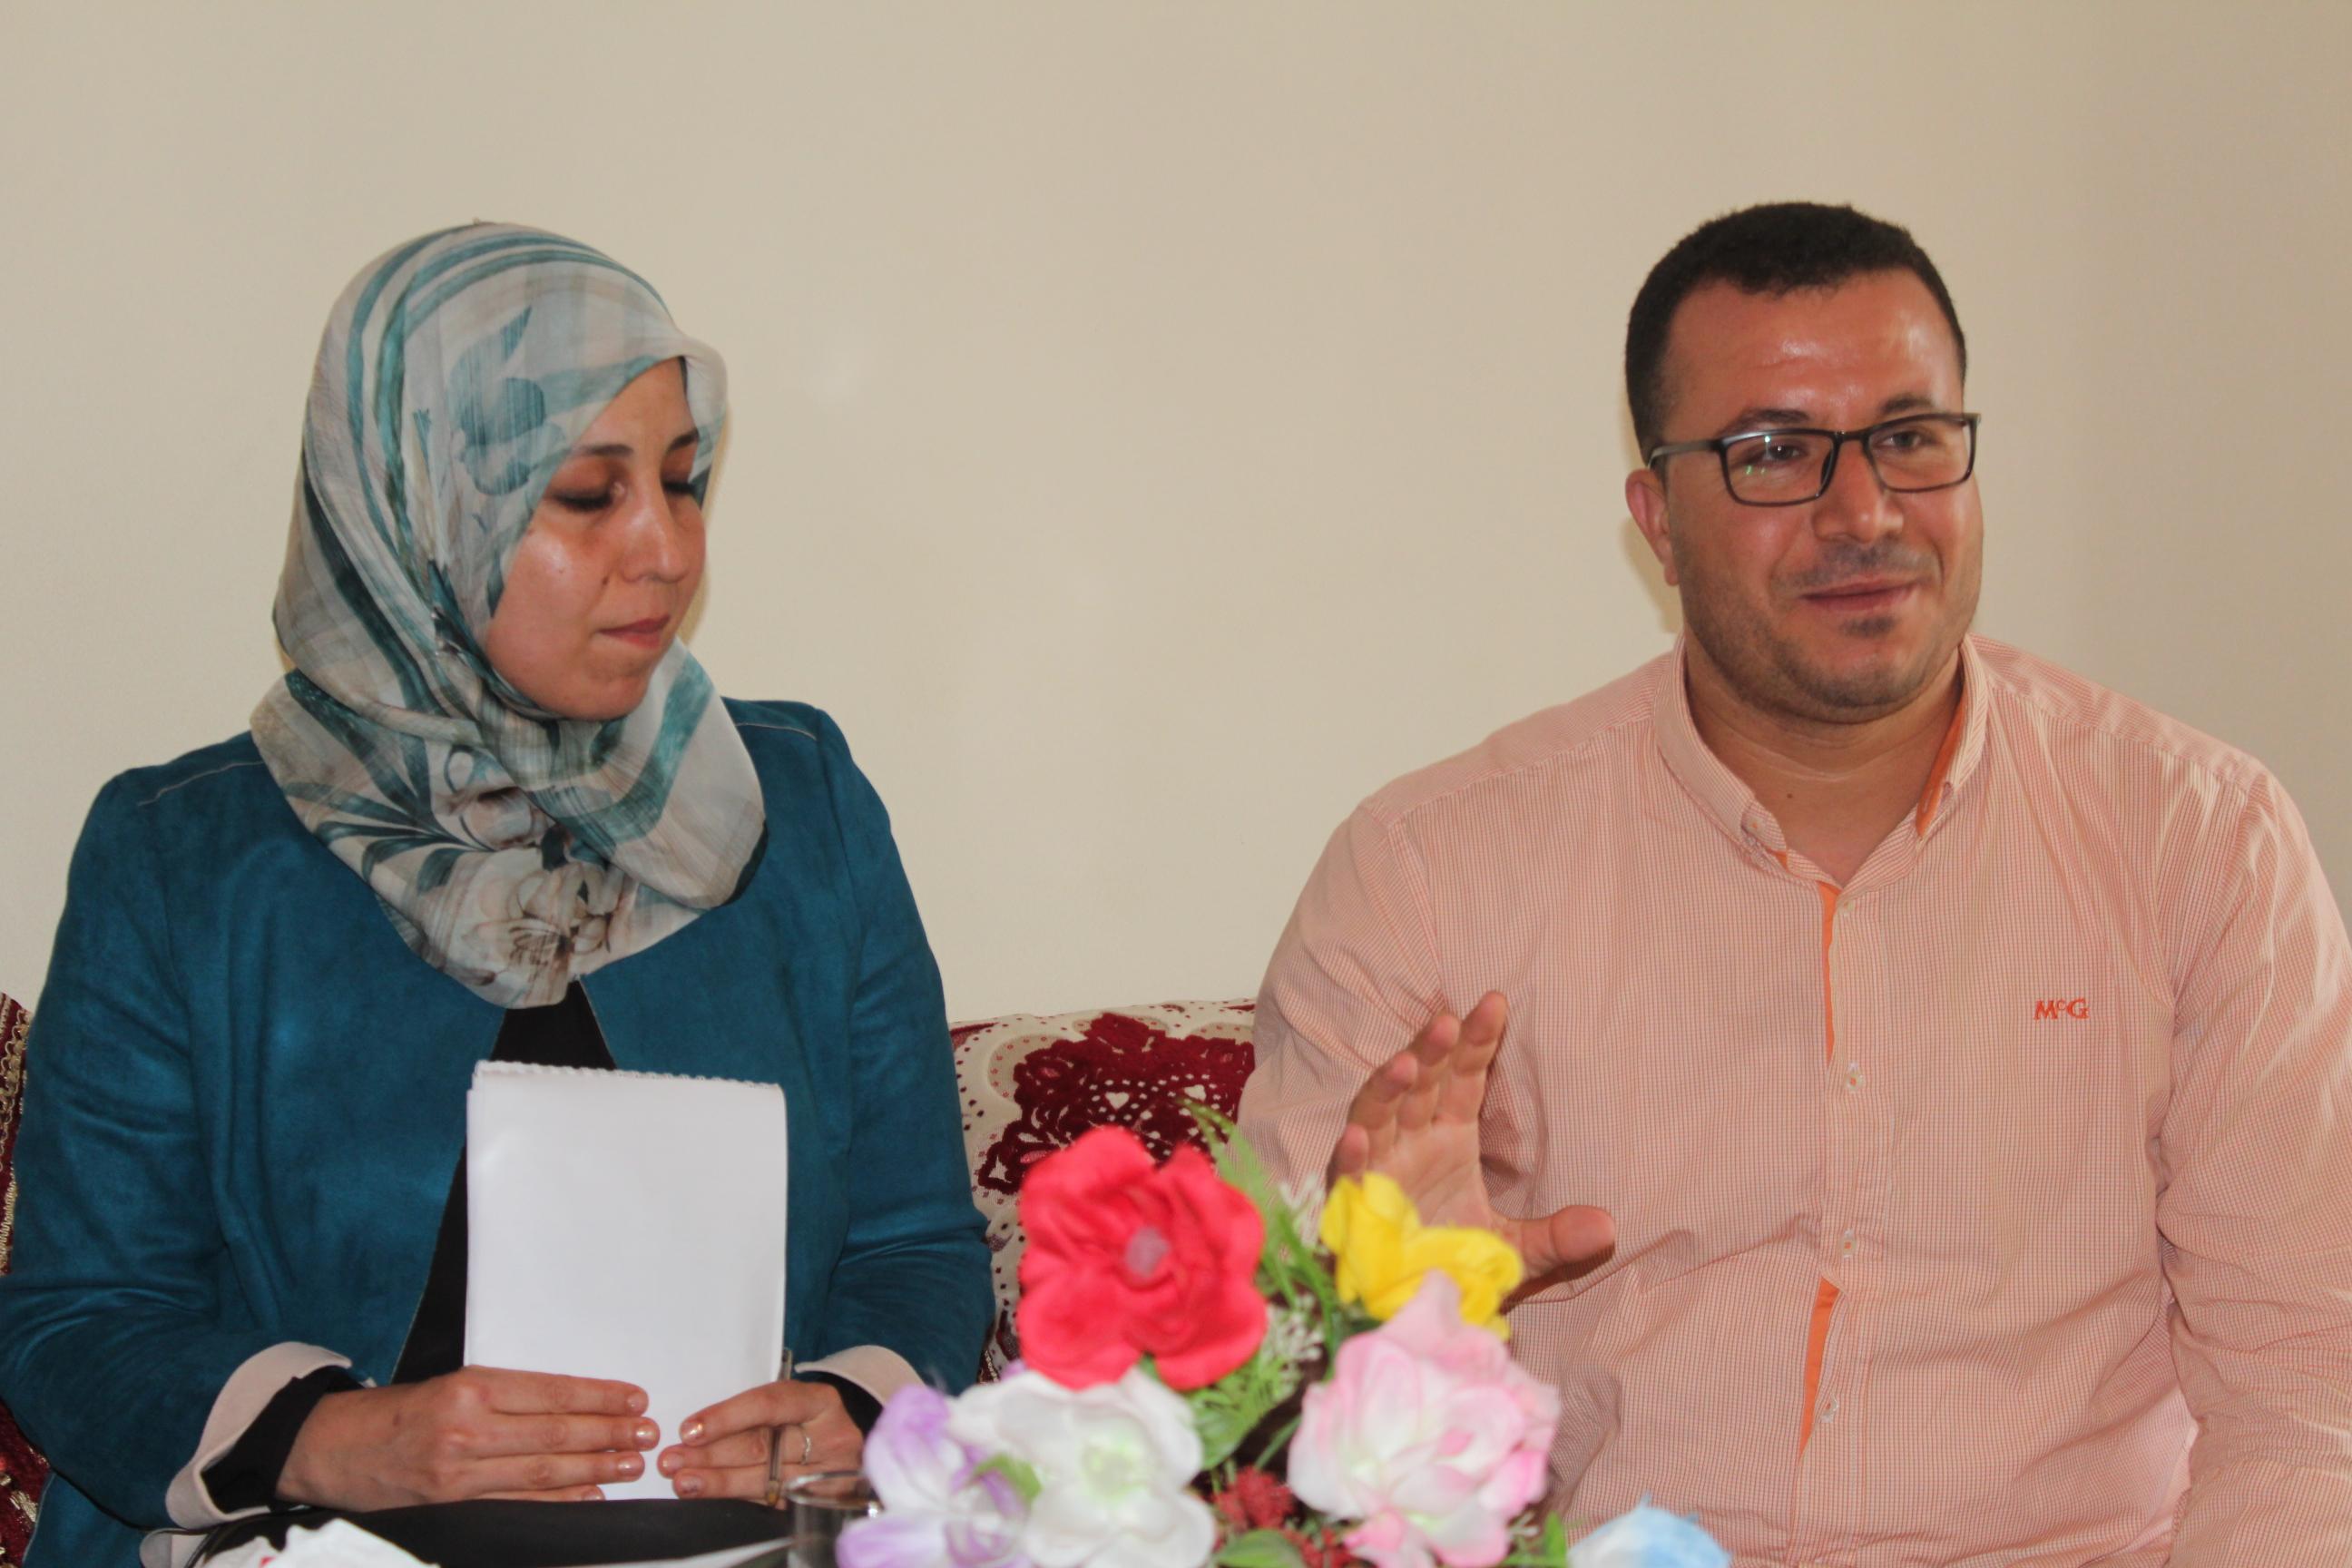 الامانة المحلية لحزب البام بأيت اوليشك تستقبل البرلمانية الشابة آمال عربوش وتتواصل مع مناضليه